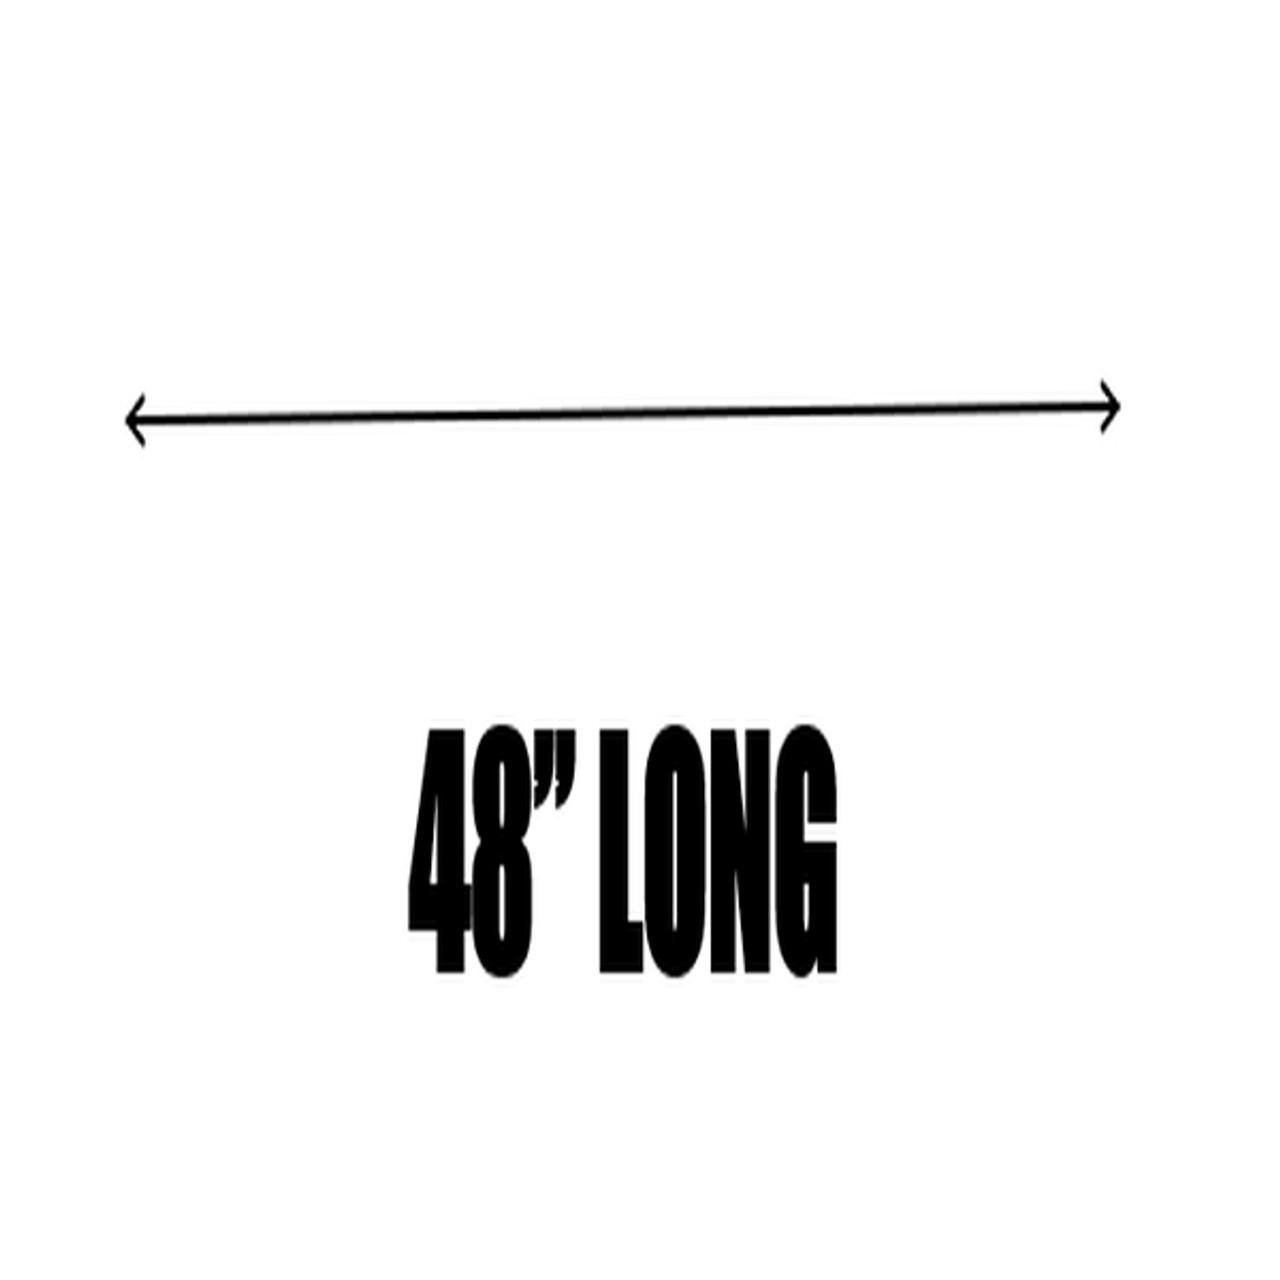 """48"""" LONG"""